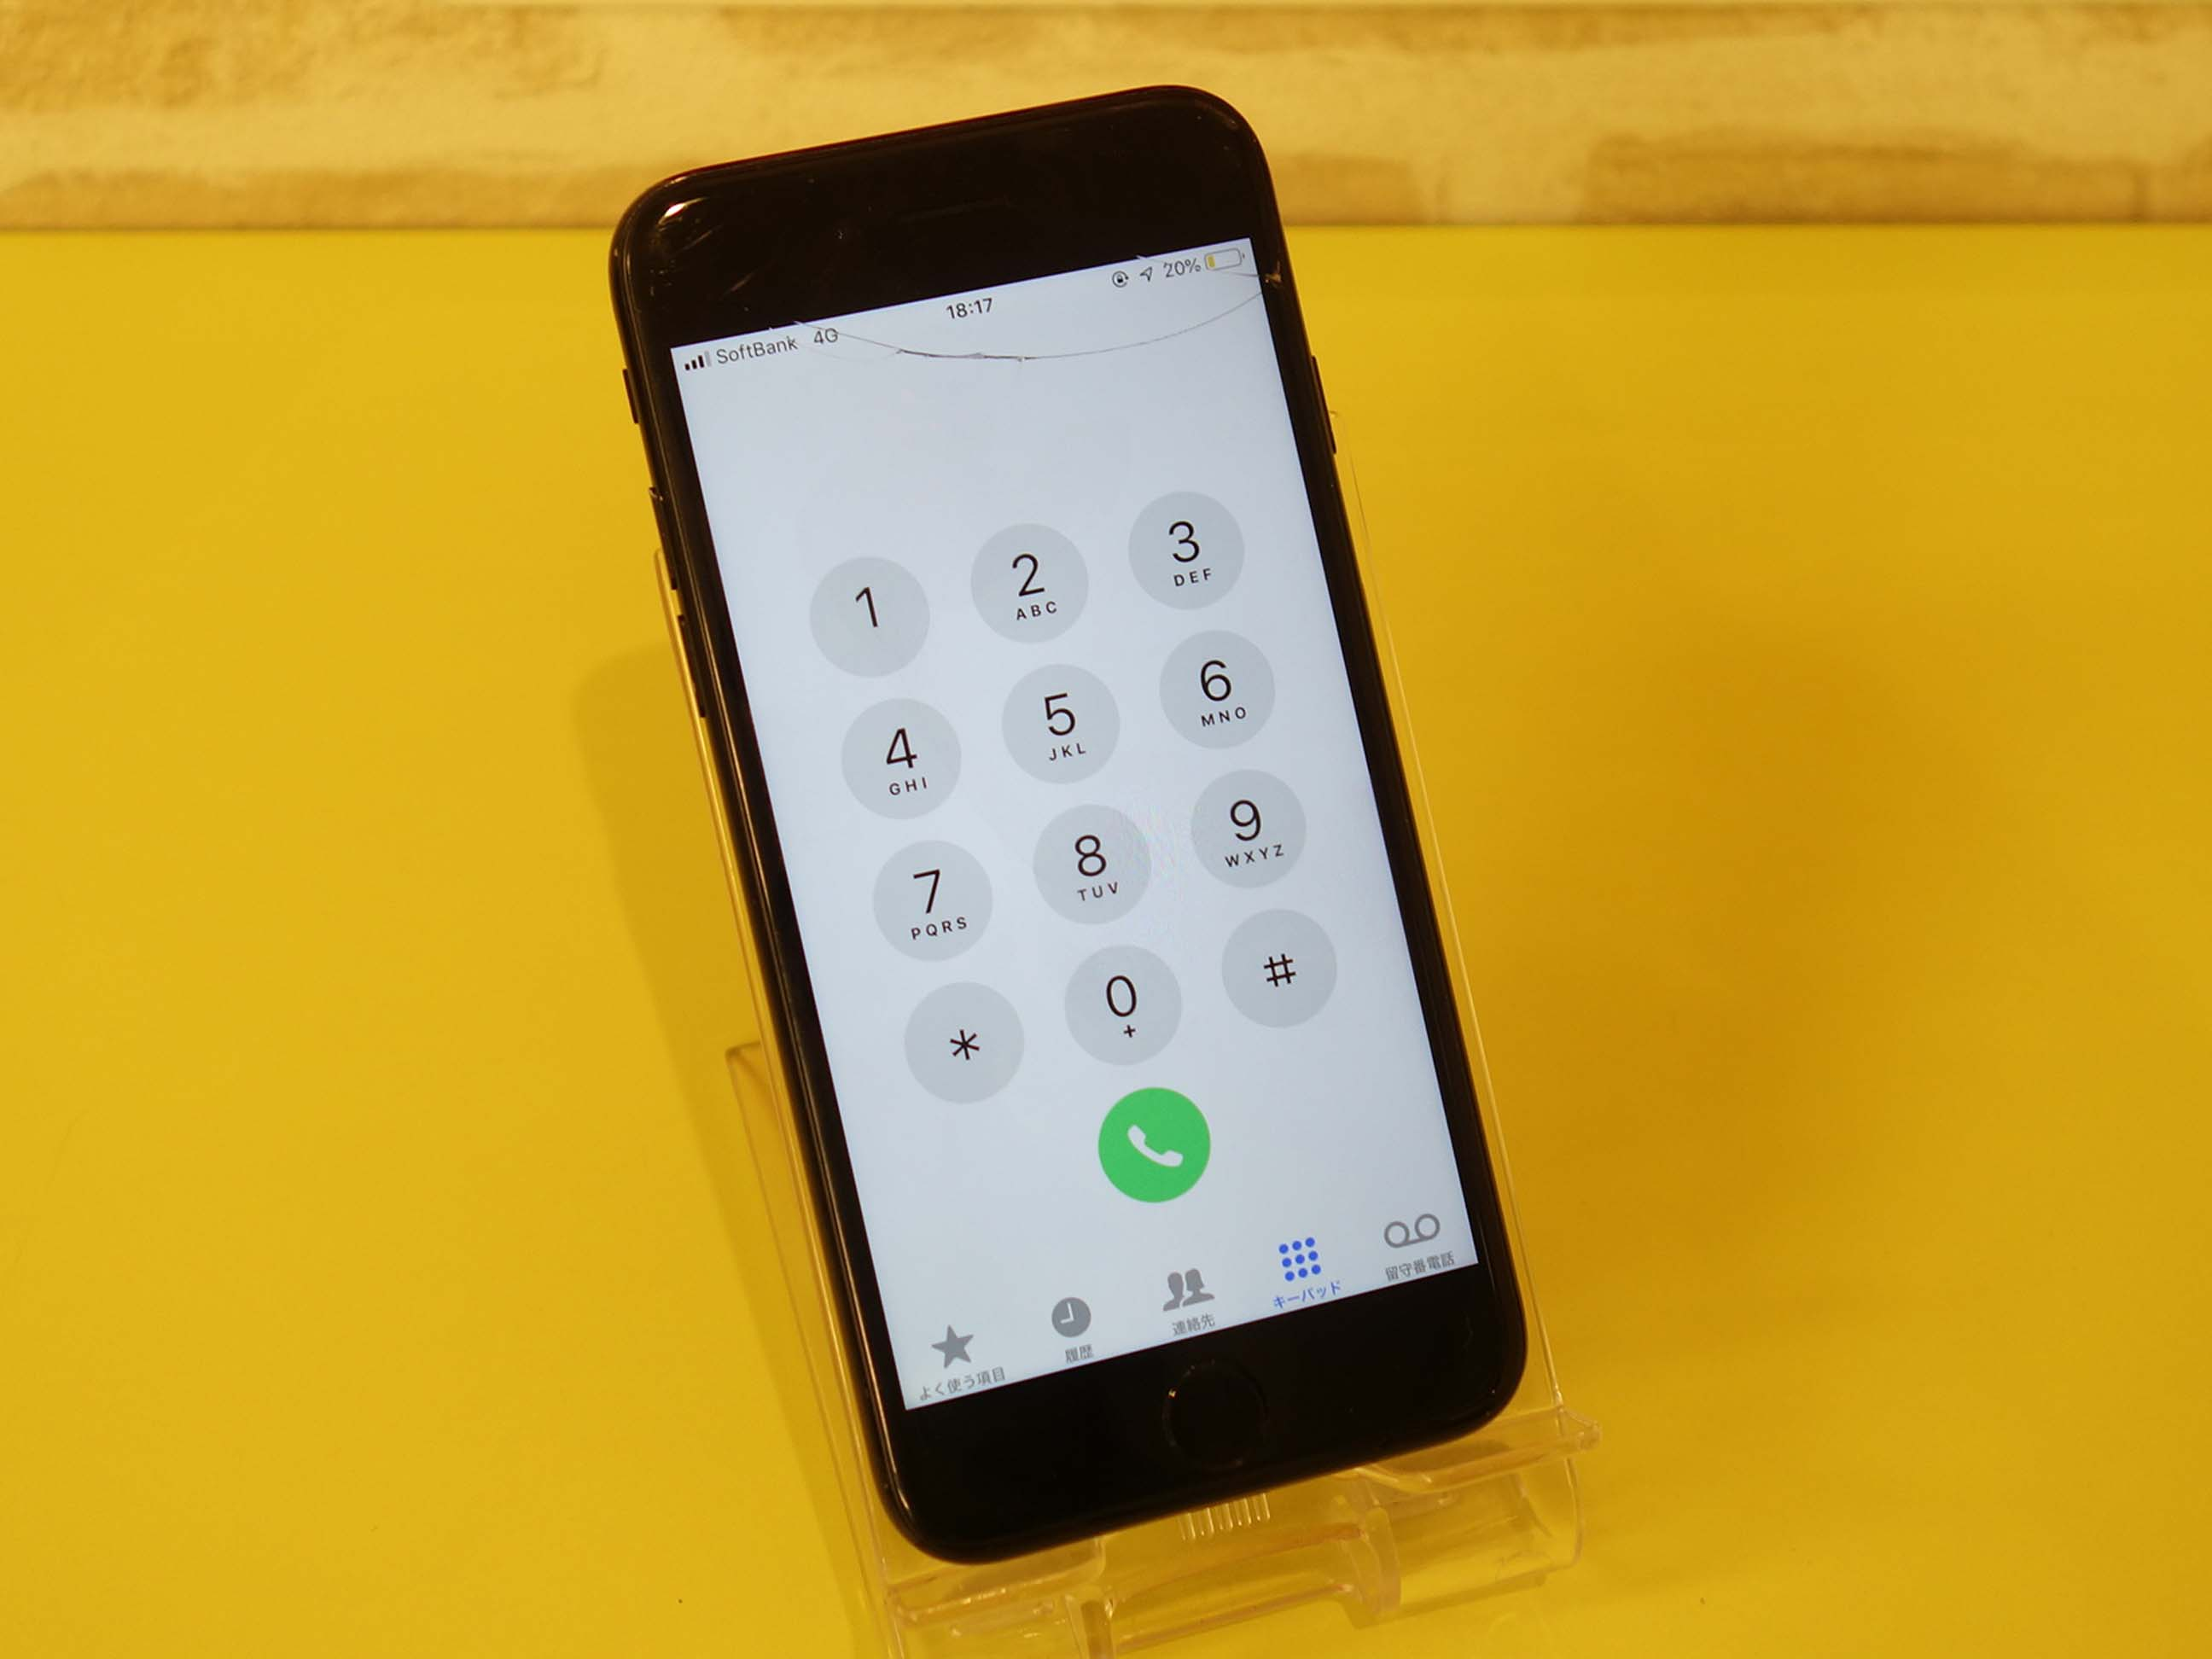 iPhone7のガラス割れ修理に多治見市よりご来店!アイフォン修理のクイック名古屋